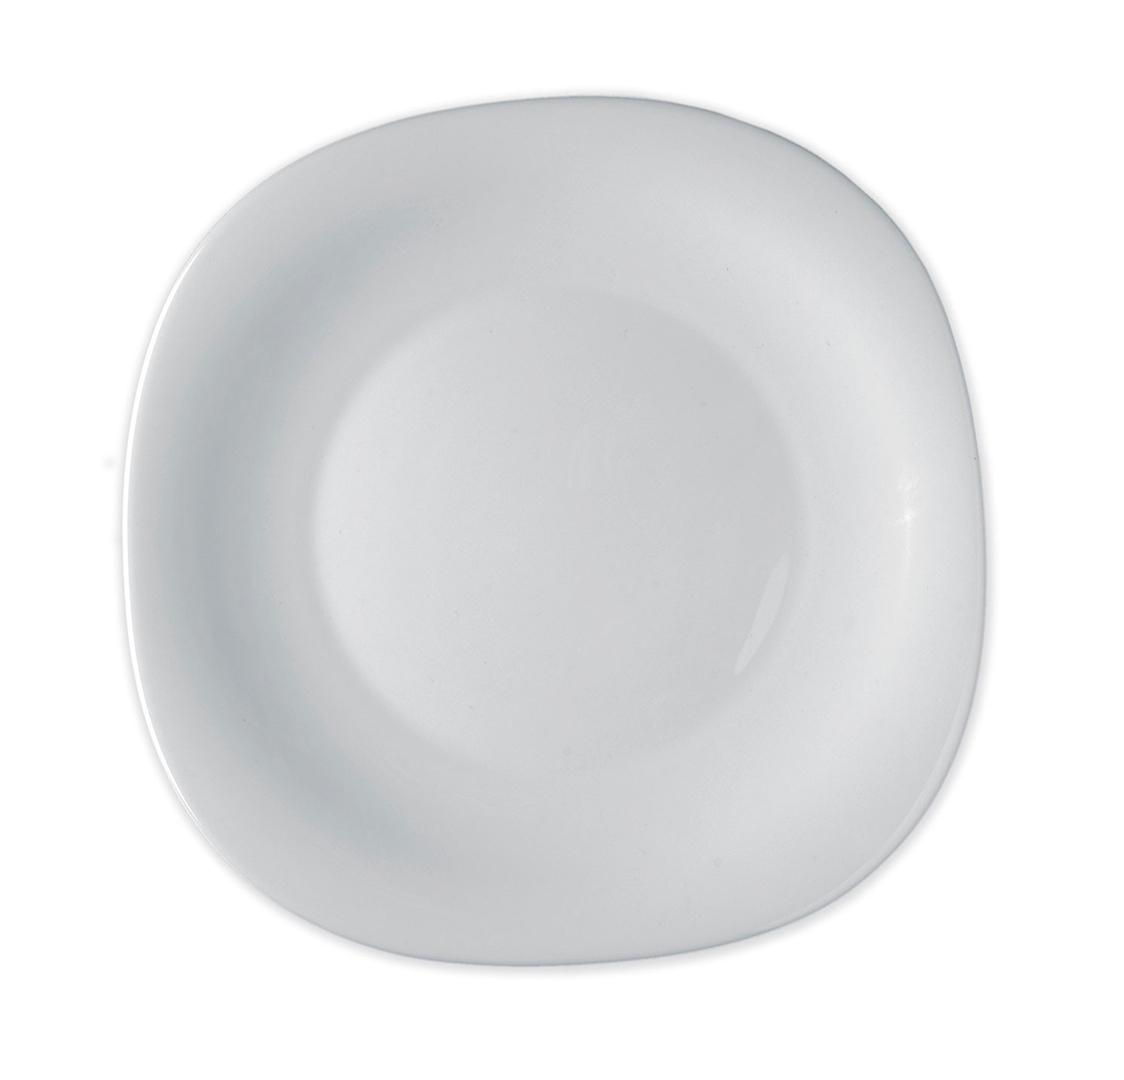 Dezertní talíř Bormioli Parma 20 cm